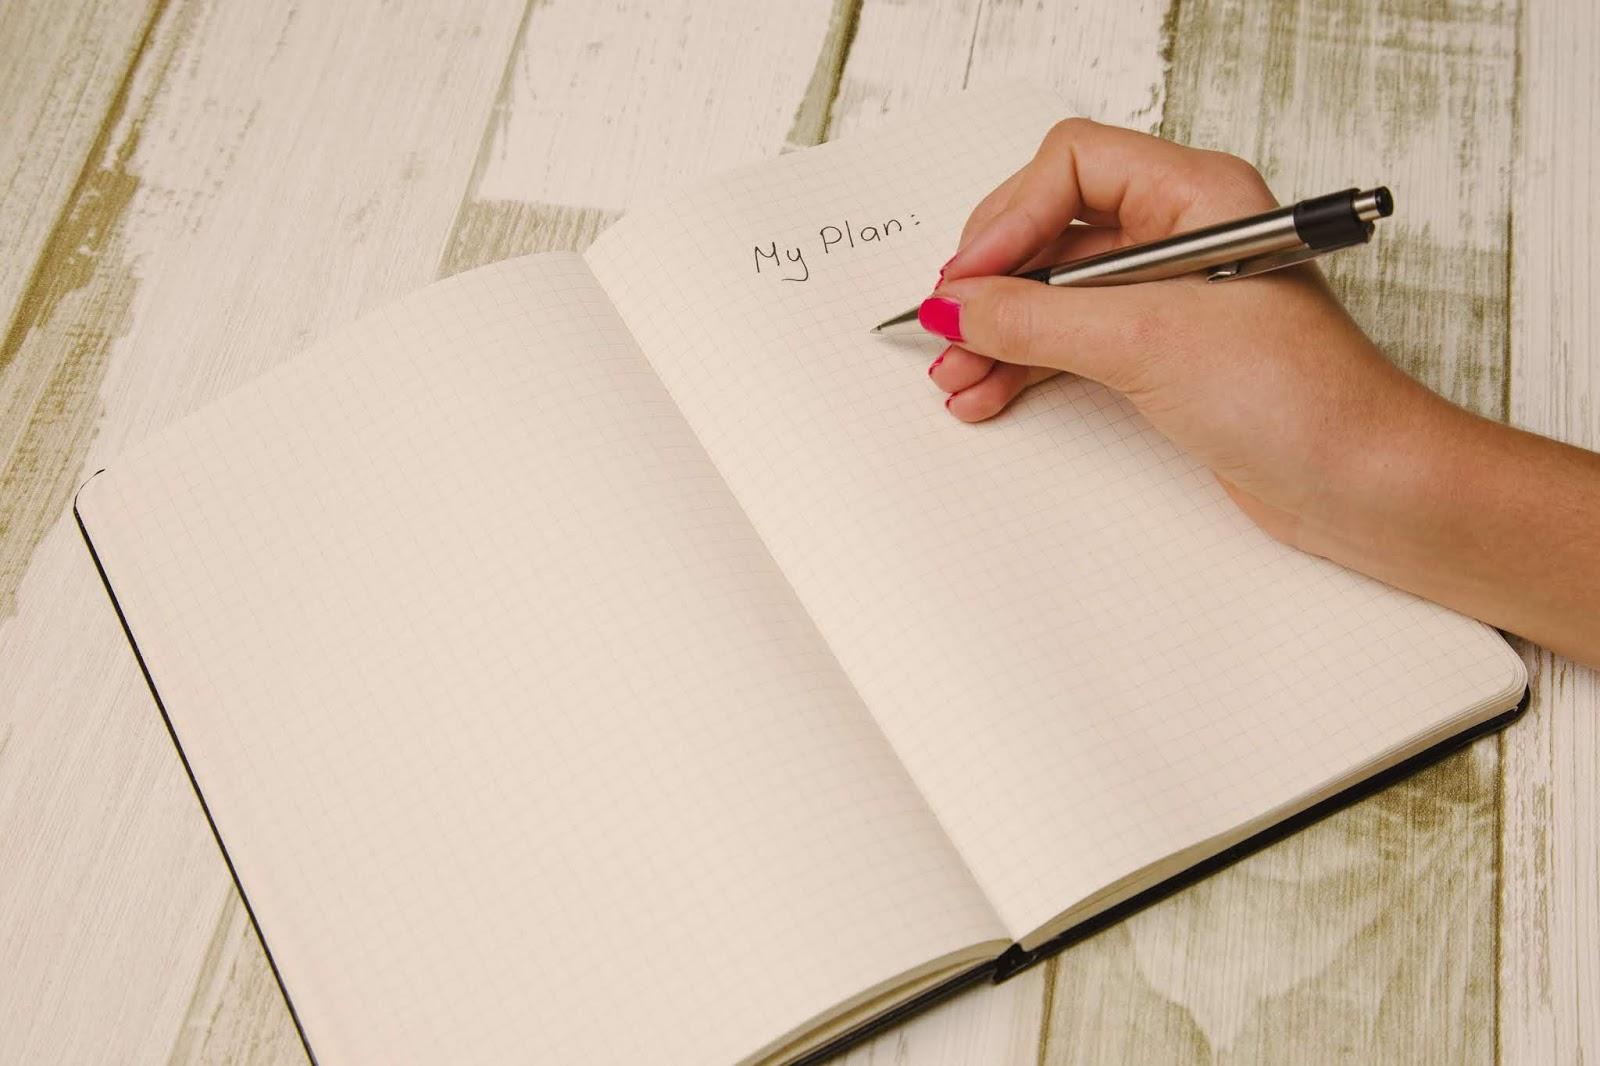 Como fazer um bom planejamento financeiro pessoal